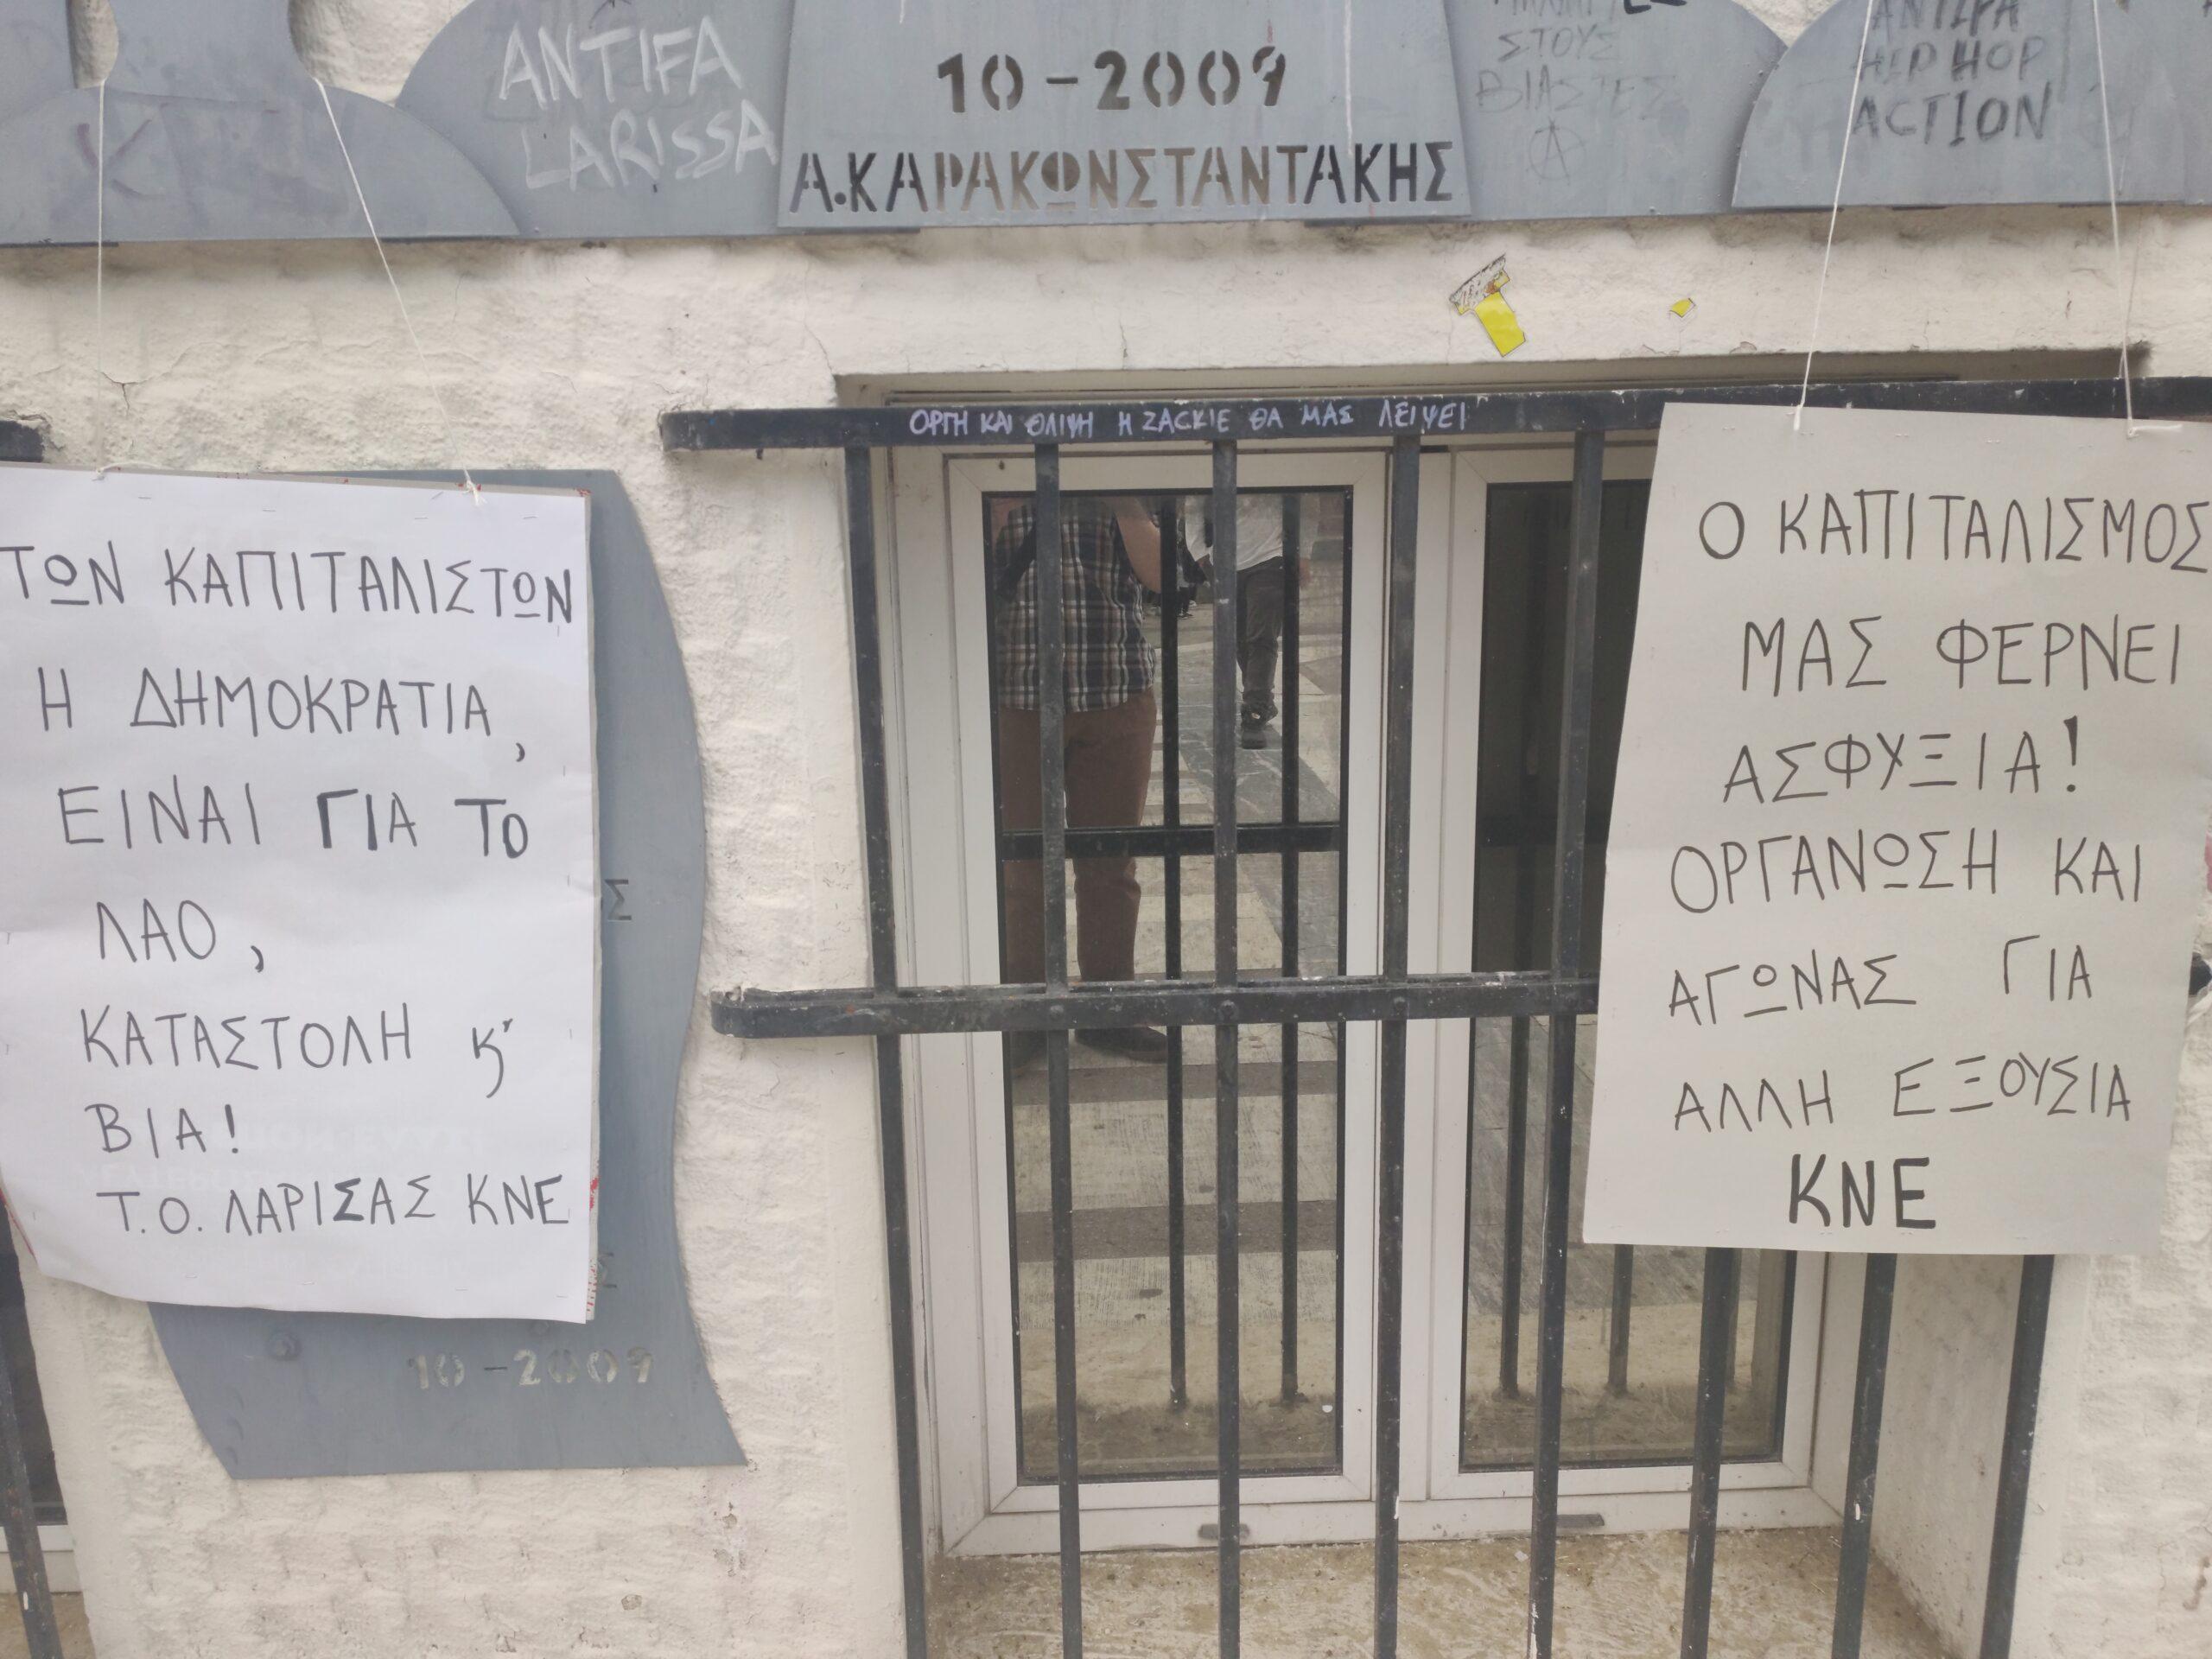 Παρέμβαση της ΚΝΕ για τη δολοφονία του Τζ. Φλόιντ στη Λάρισα (φωτο)